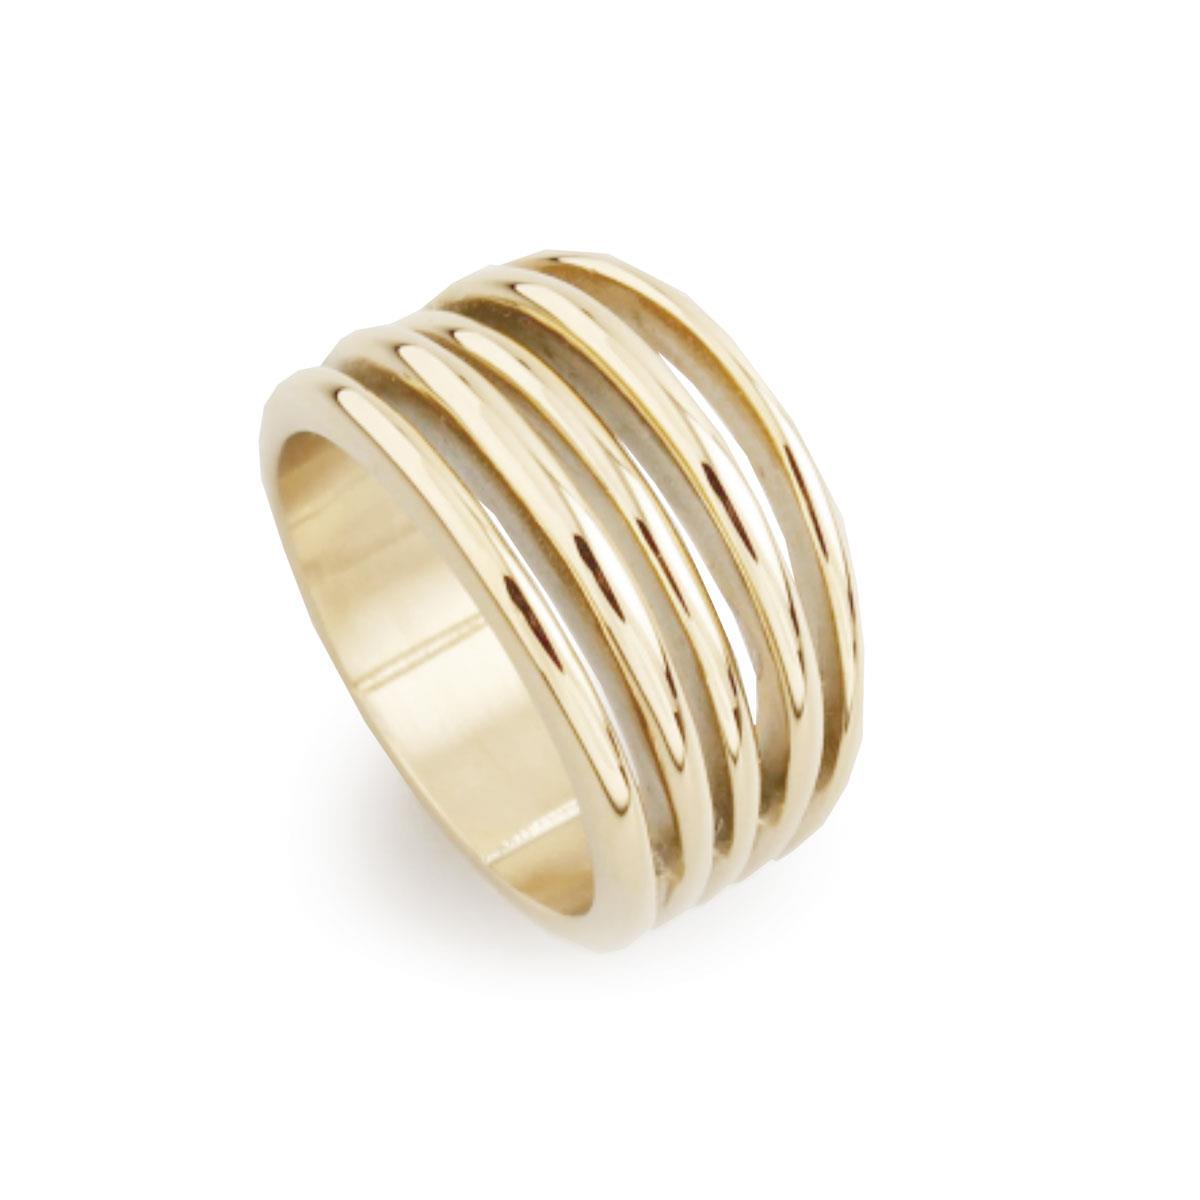 Кольцо из стал(4046-0042)Бижутерия из стали от Arts&amp;Crafts<br>Arts&amp;Crafts, Норвегия<br><br>Авторский дизайн, ручная работа, ограниченный выпуск.<br>